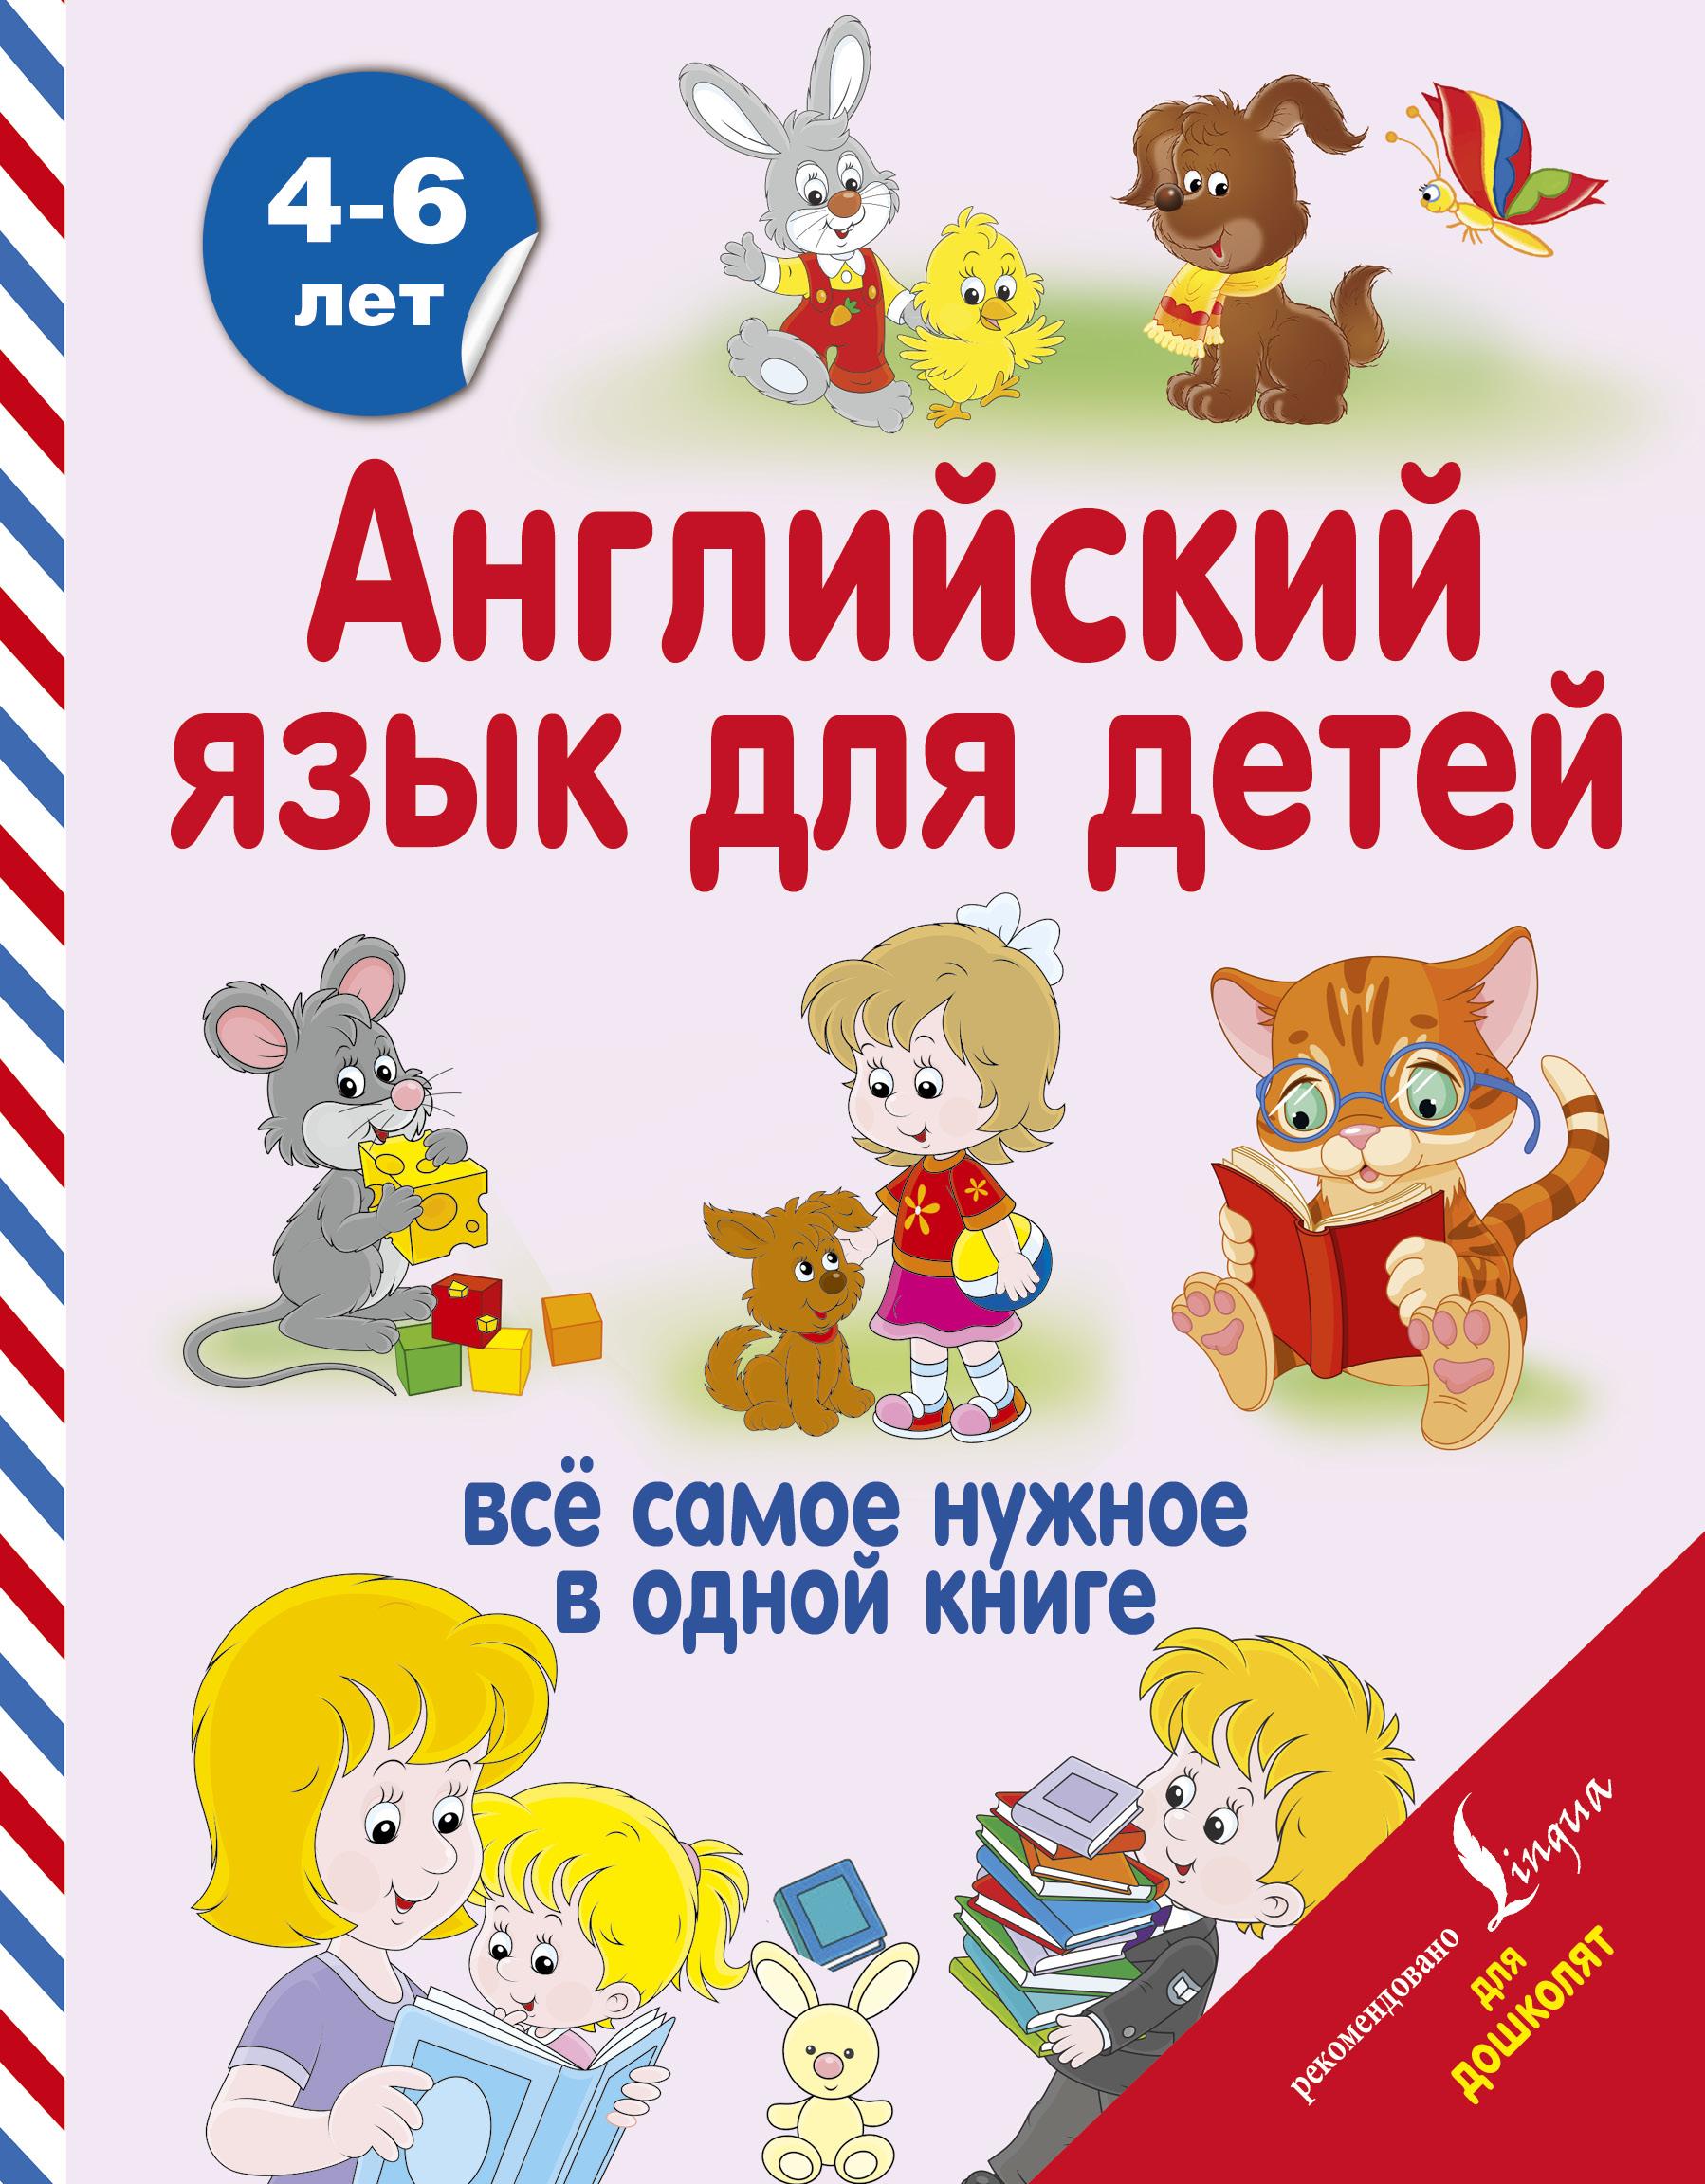 Державина В.А., Френк И. Английский язык для детей муляжи для занятий с беременными